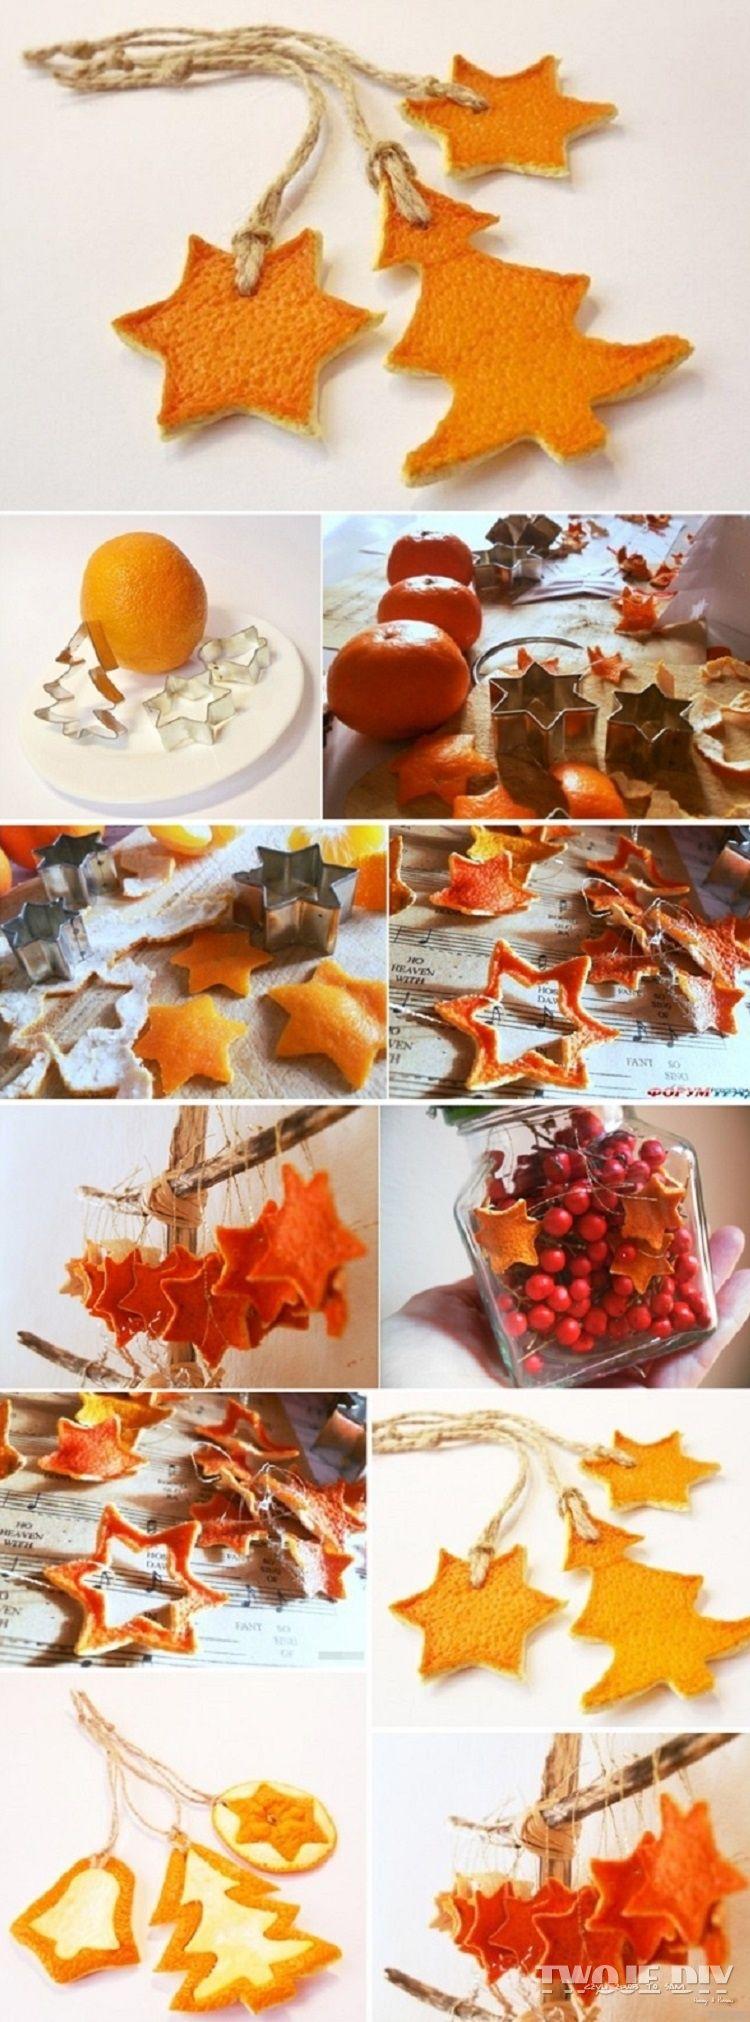 Craft using orange peels.